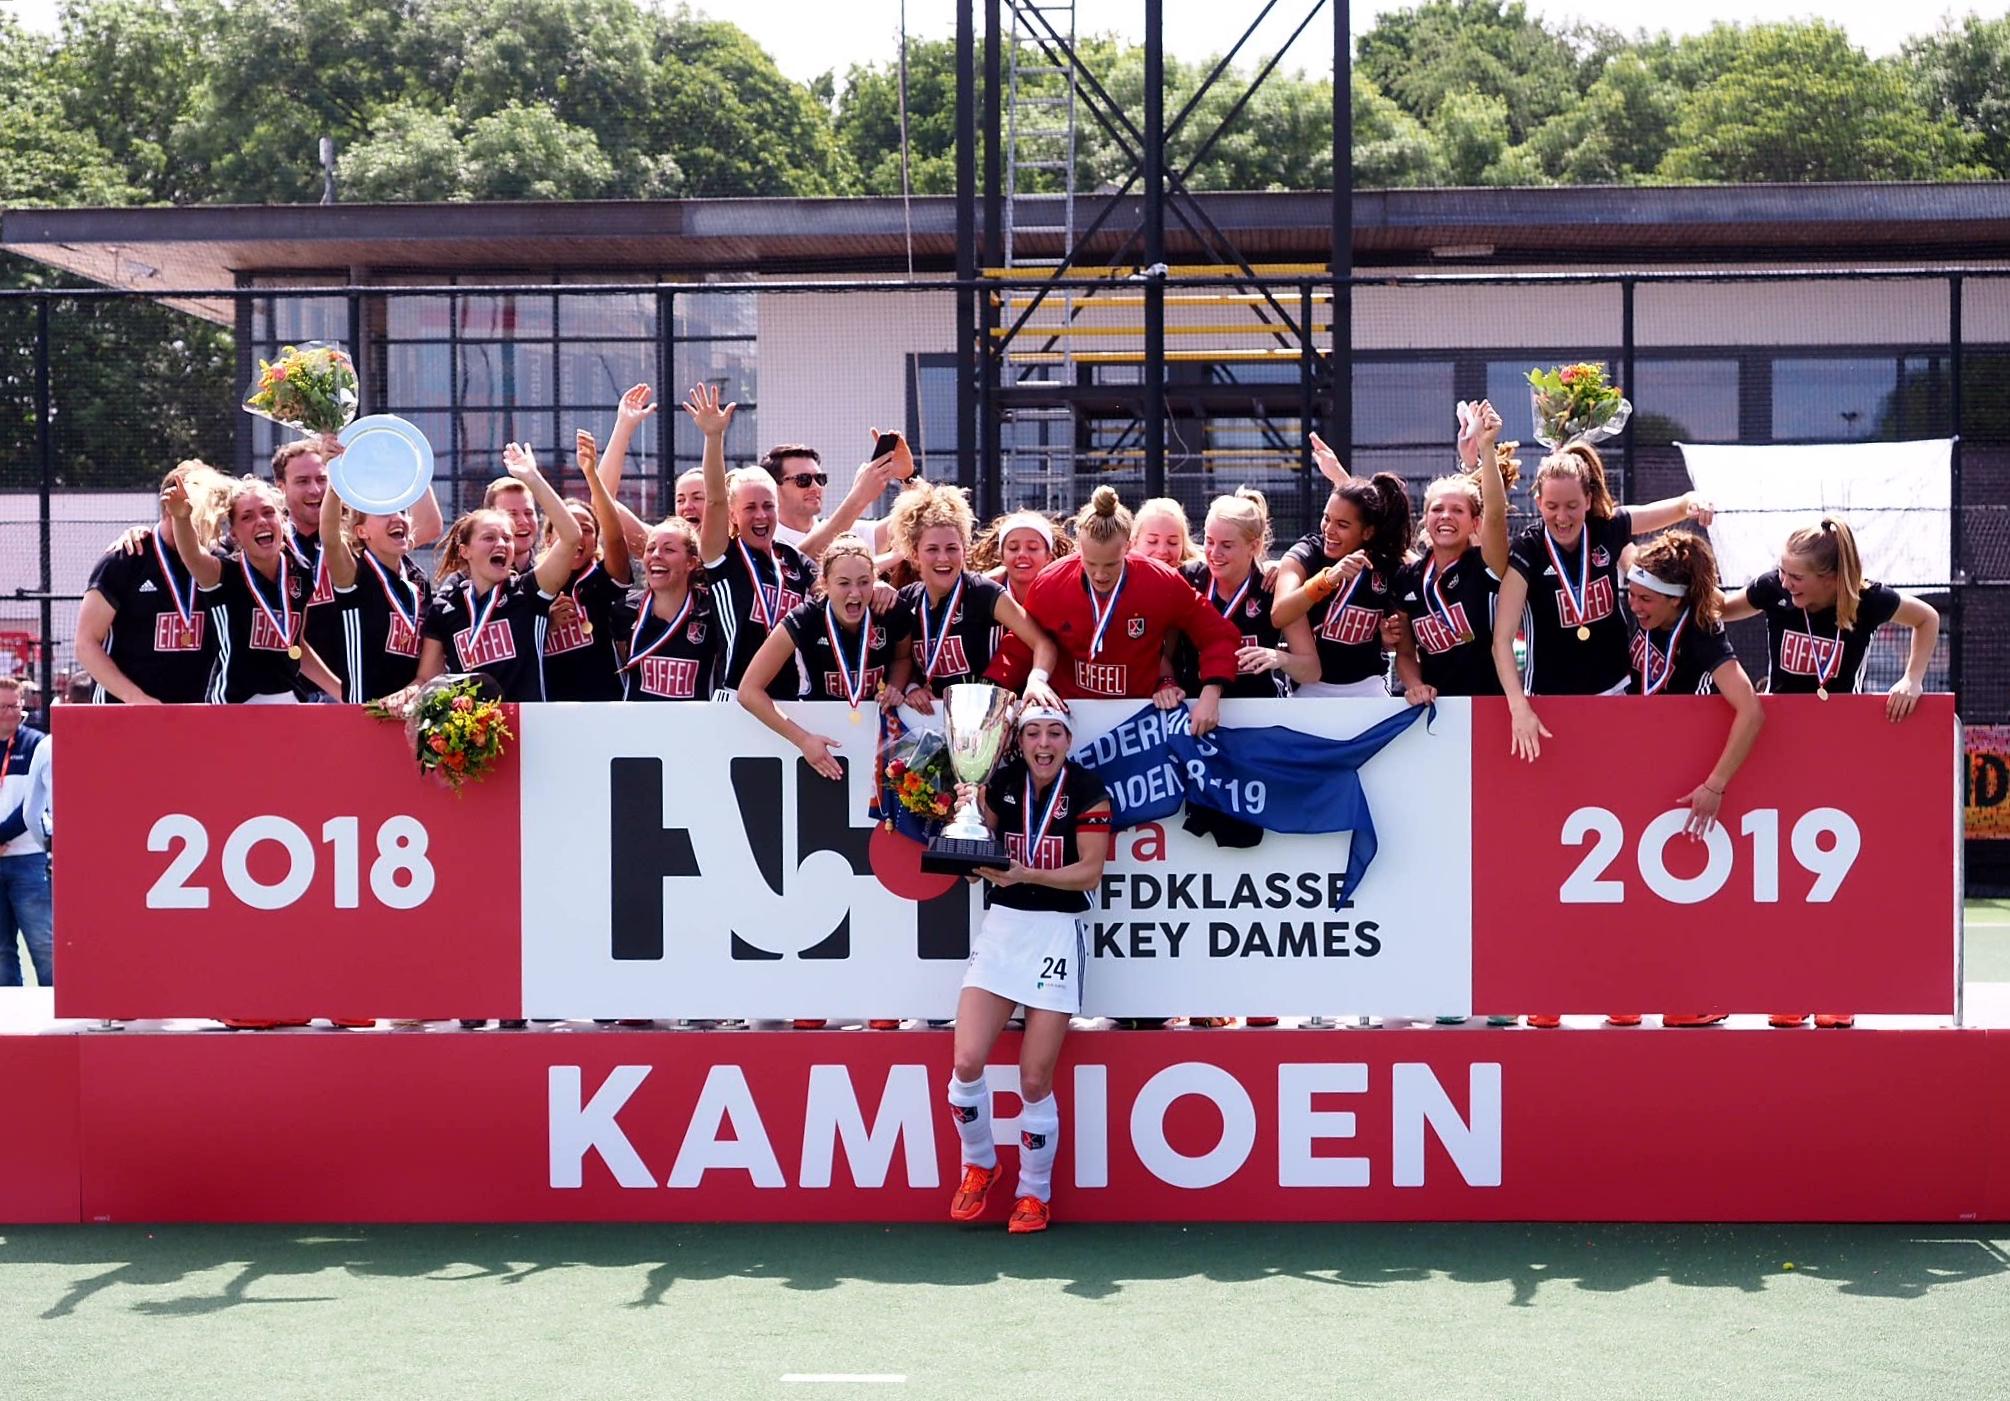 Amsterdam Dames 1 pakt landstitel na overtuigende zege op Den Bosch!